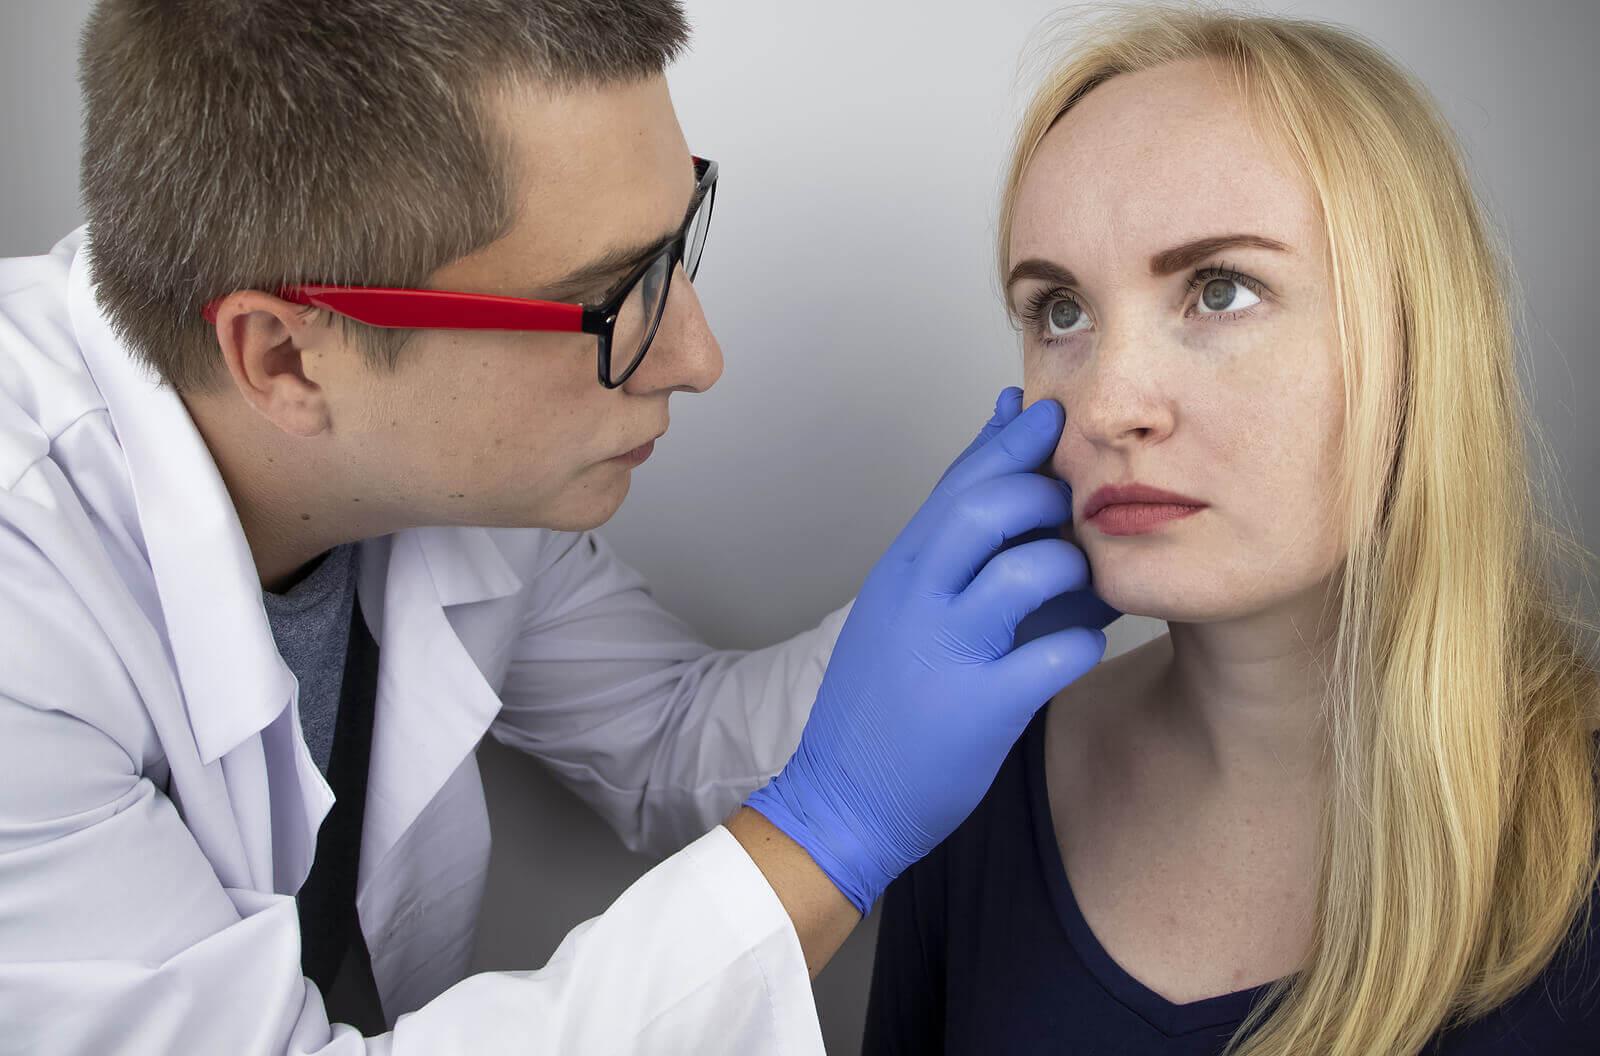 Choroba może doprowadzić do utraty wzroku.